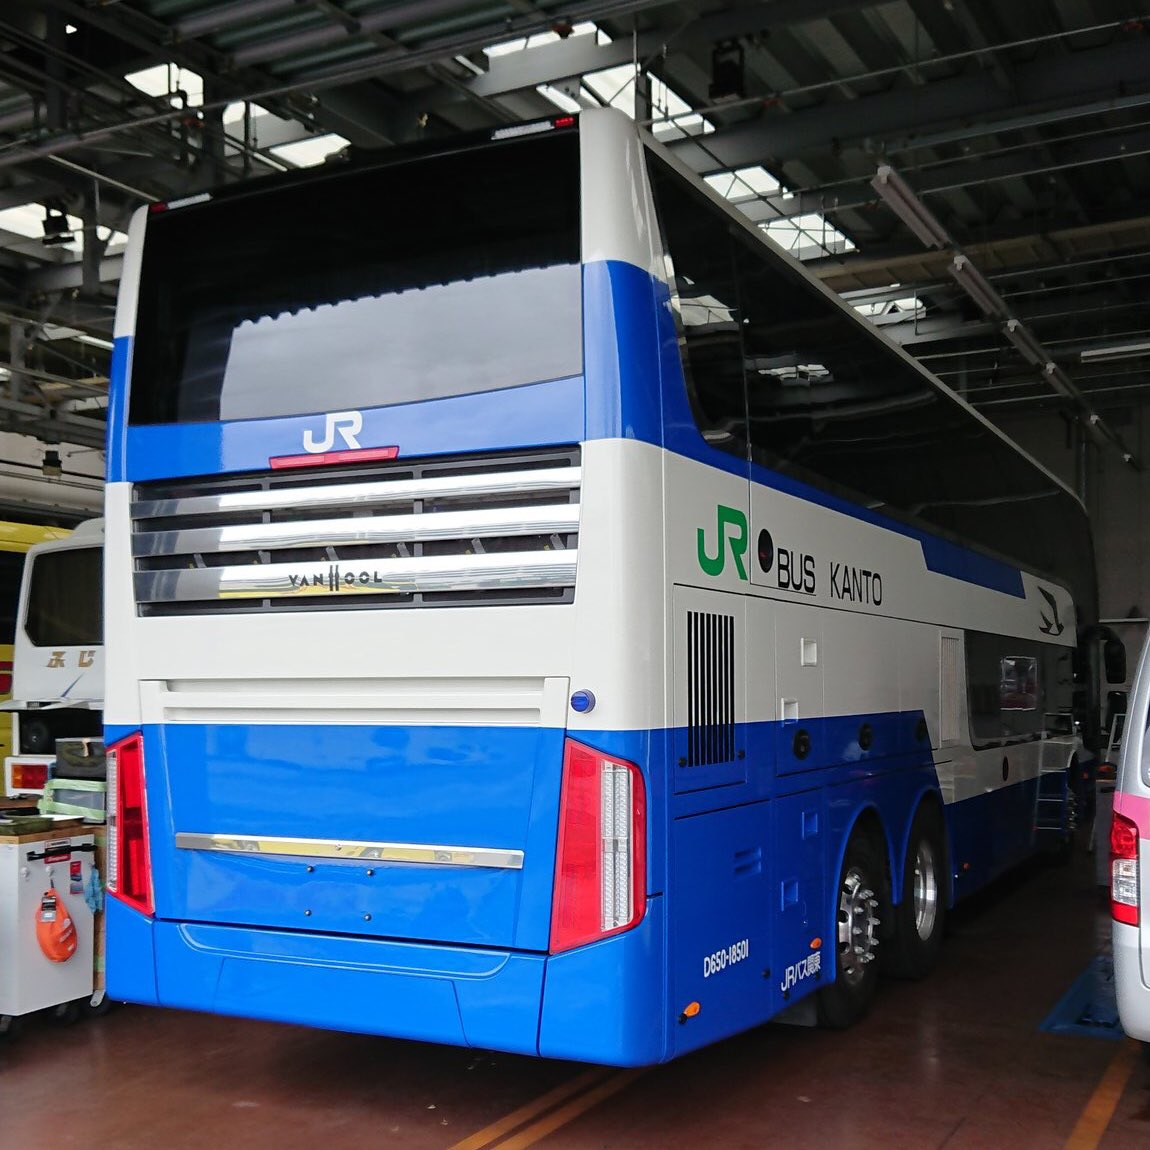 某所より頂きました。UPして良いとのこと。 #バス関東 #バンホール #アストロメガ